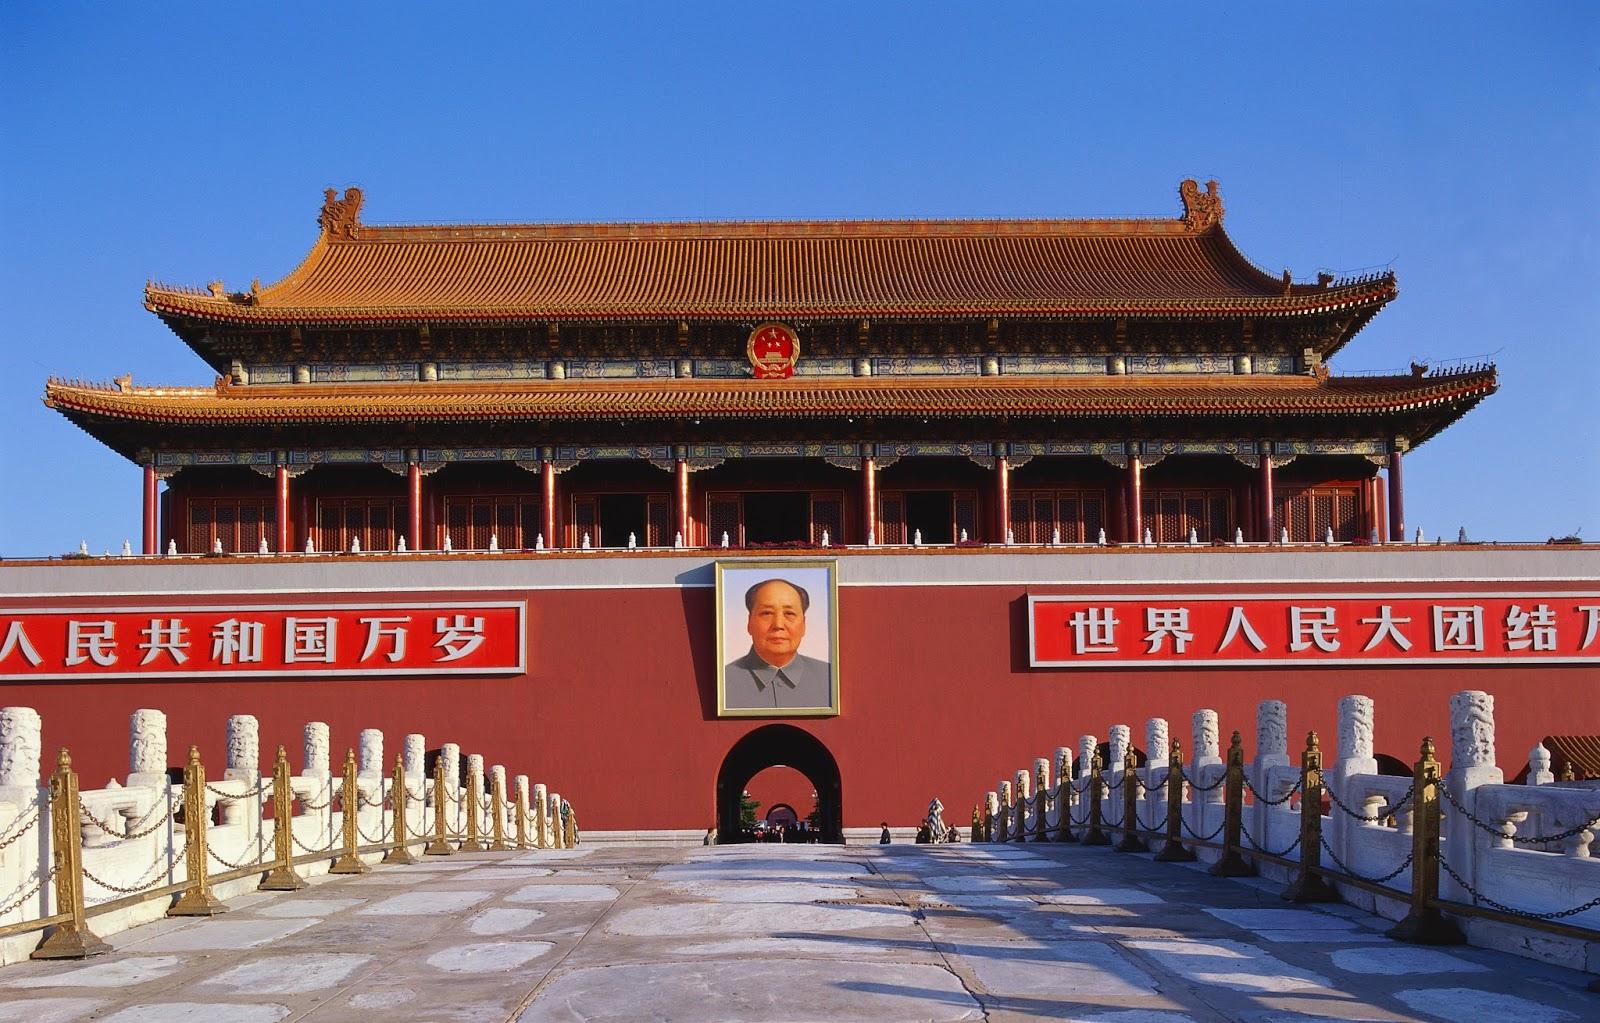 北京(北京市)からの追跡と日本までの到着日数。(China Post ...